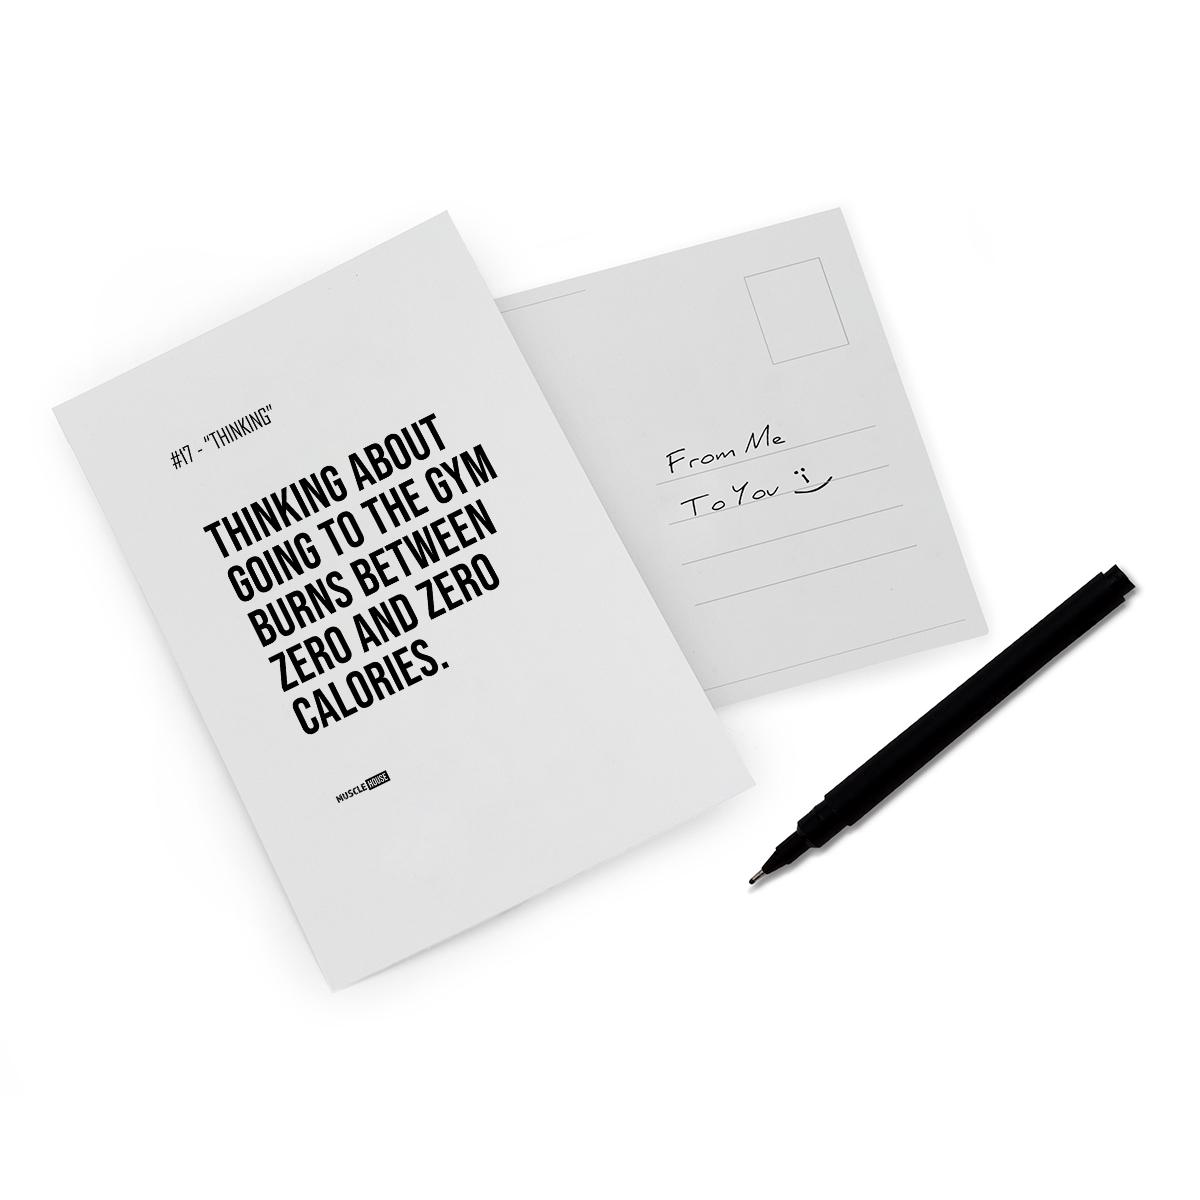 postkort_motiverende_citater_motion_træning_nul_forbrænding